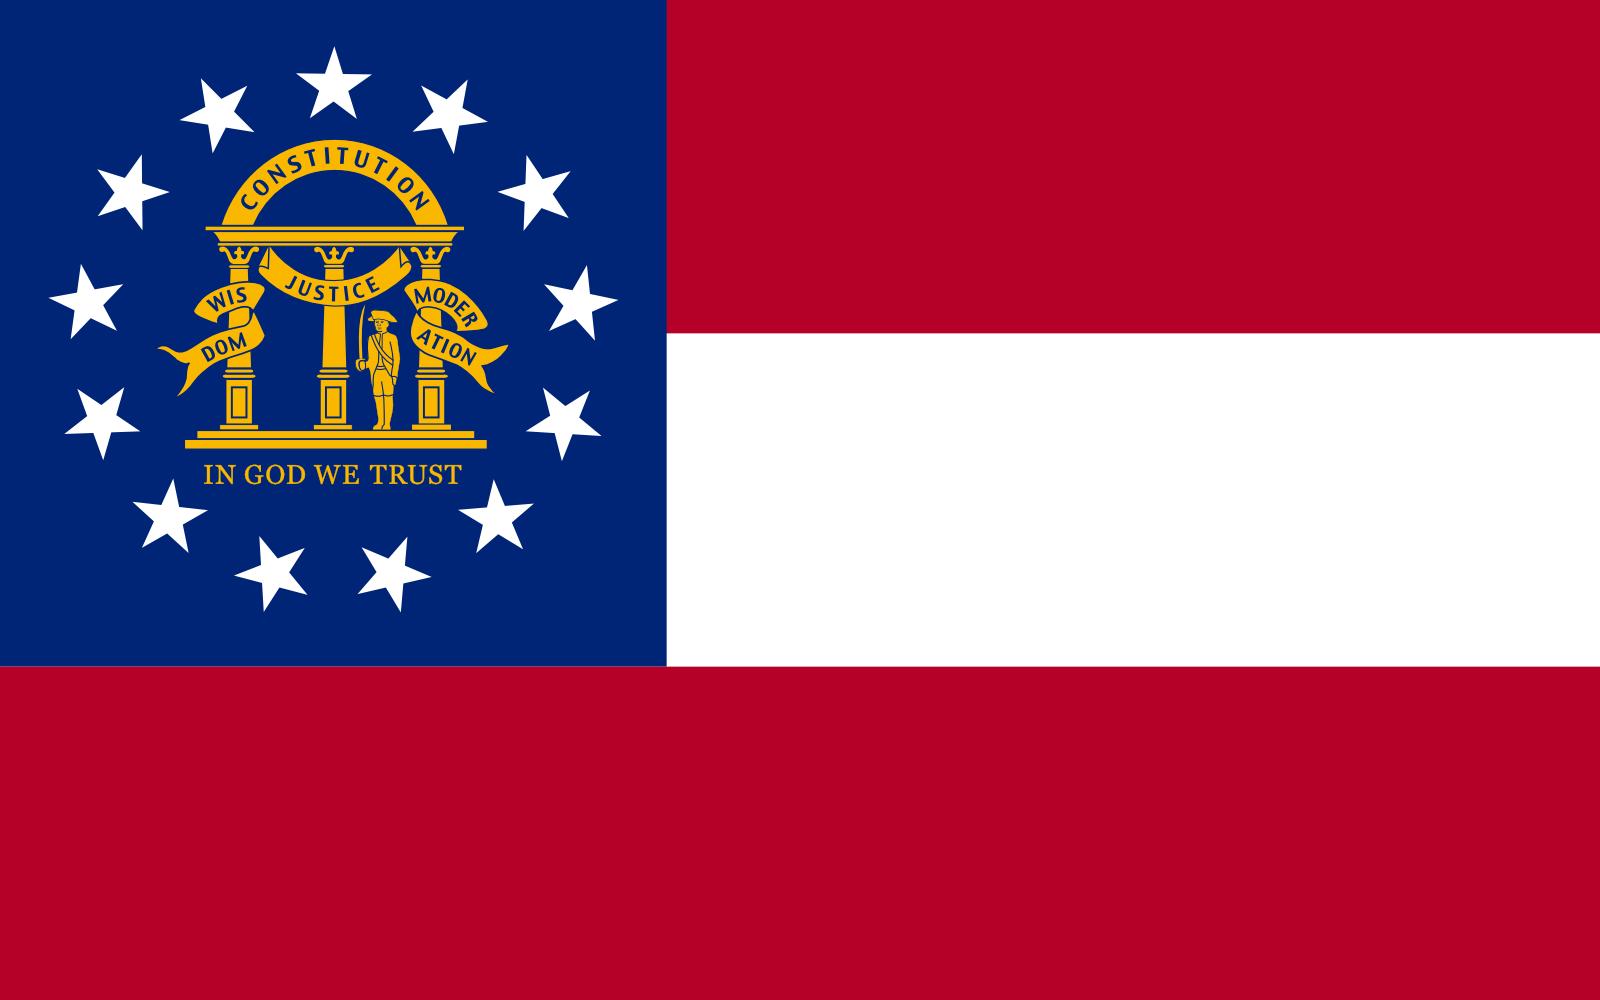 Who is the patron saint of Georgia?